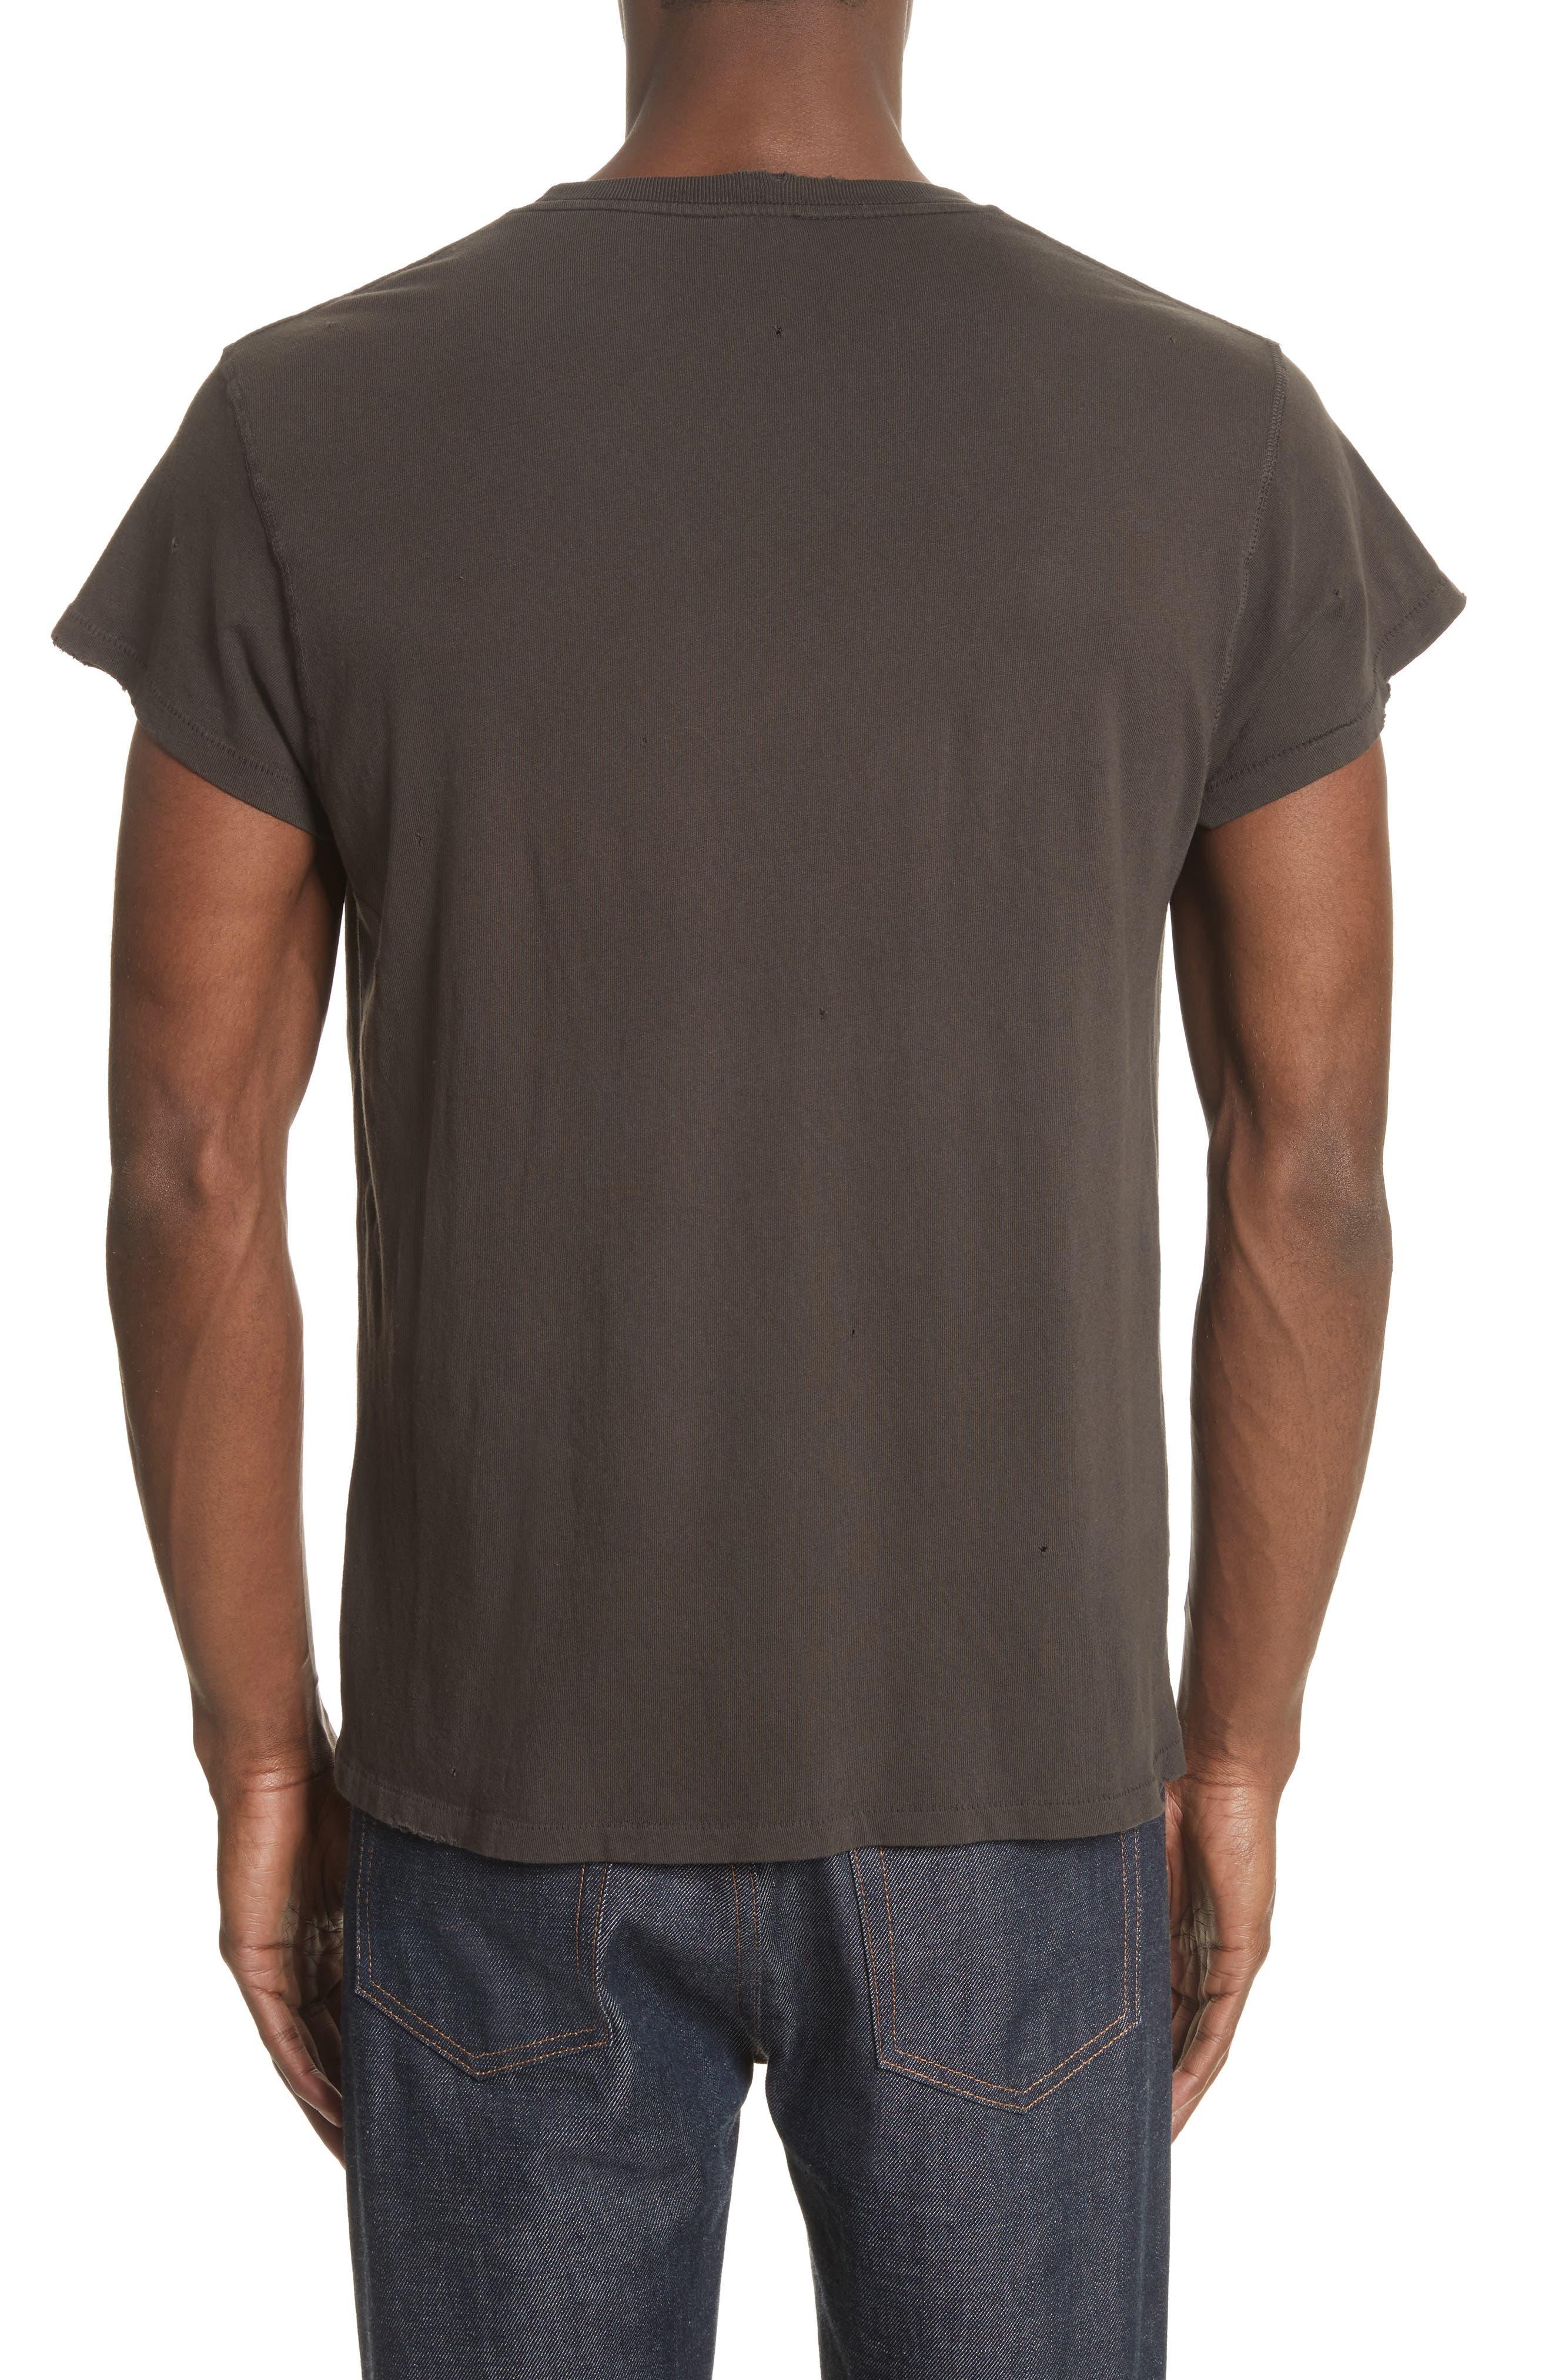 Alternate Image 2  - MadeWorn Notorious B.I.G. Graphic T-Shirt